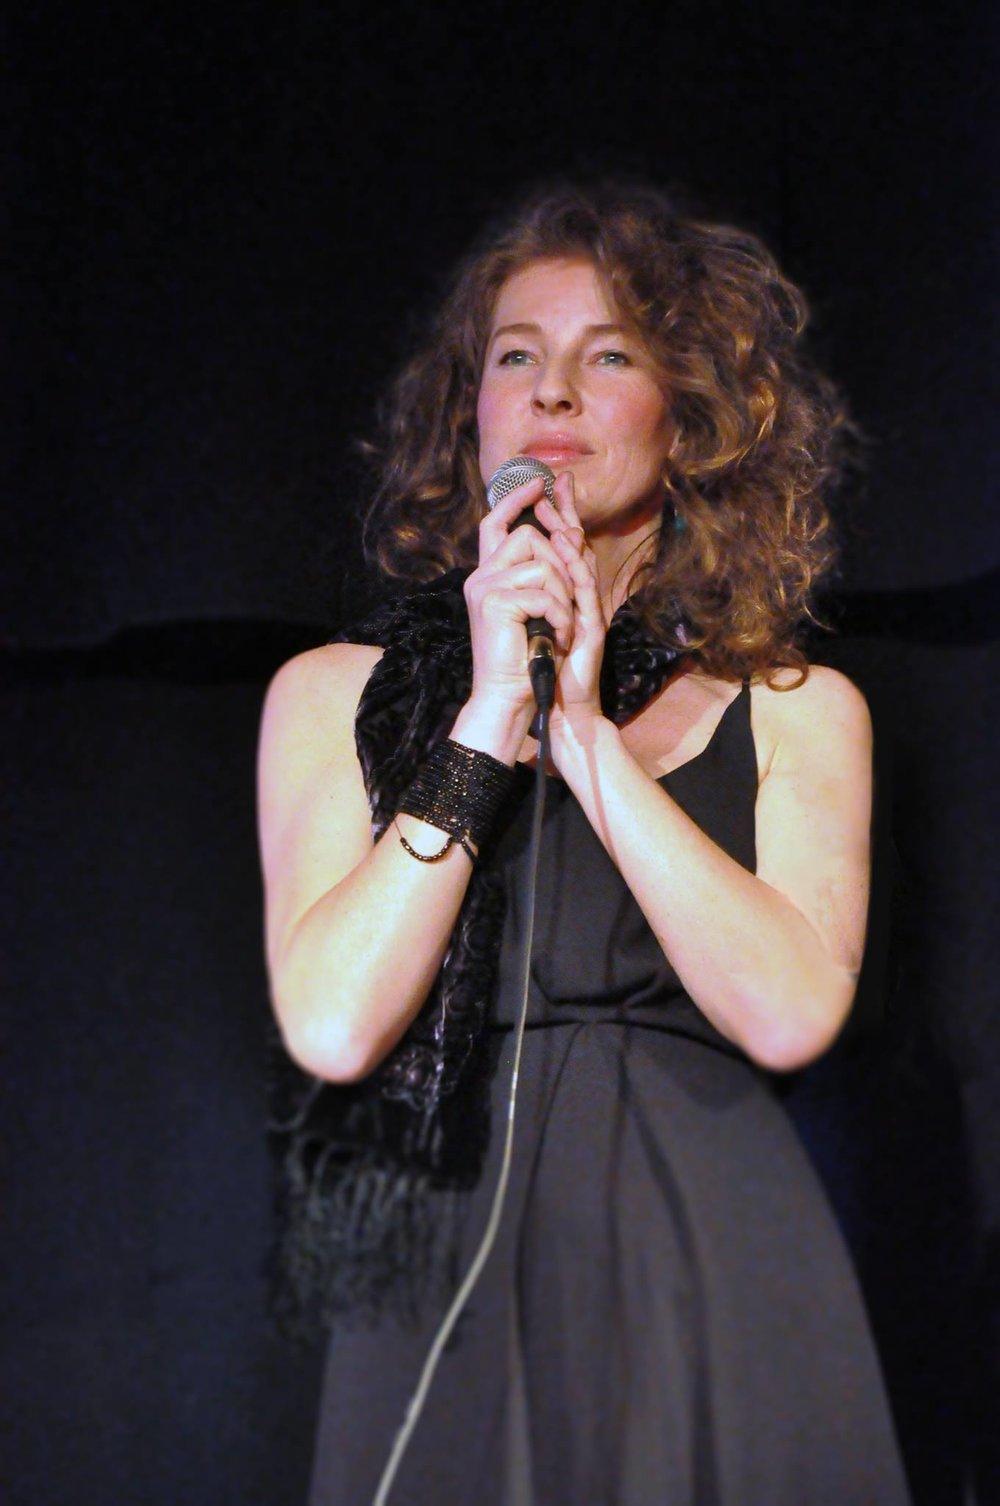 https://www.sarahmaria.at/    Sarah Maria   Sarah Maria singt spanische Lieder über Leidenschaft und Sehnsucht, über innerstes Berührtsein – el gran sentimiento.